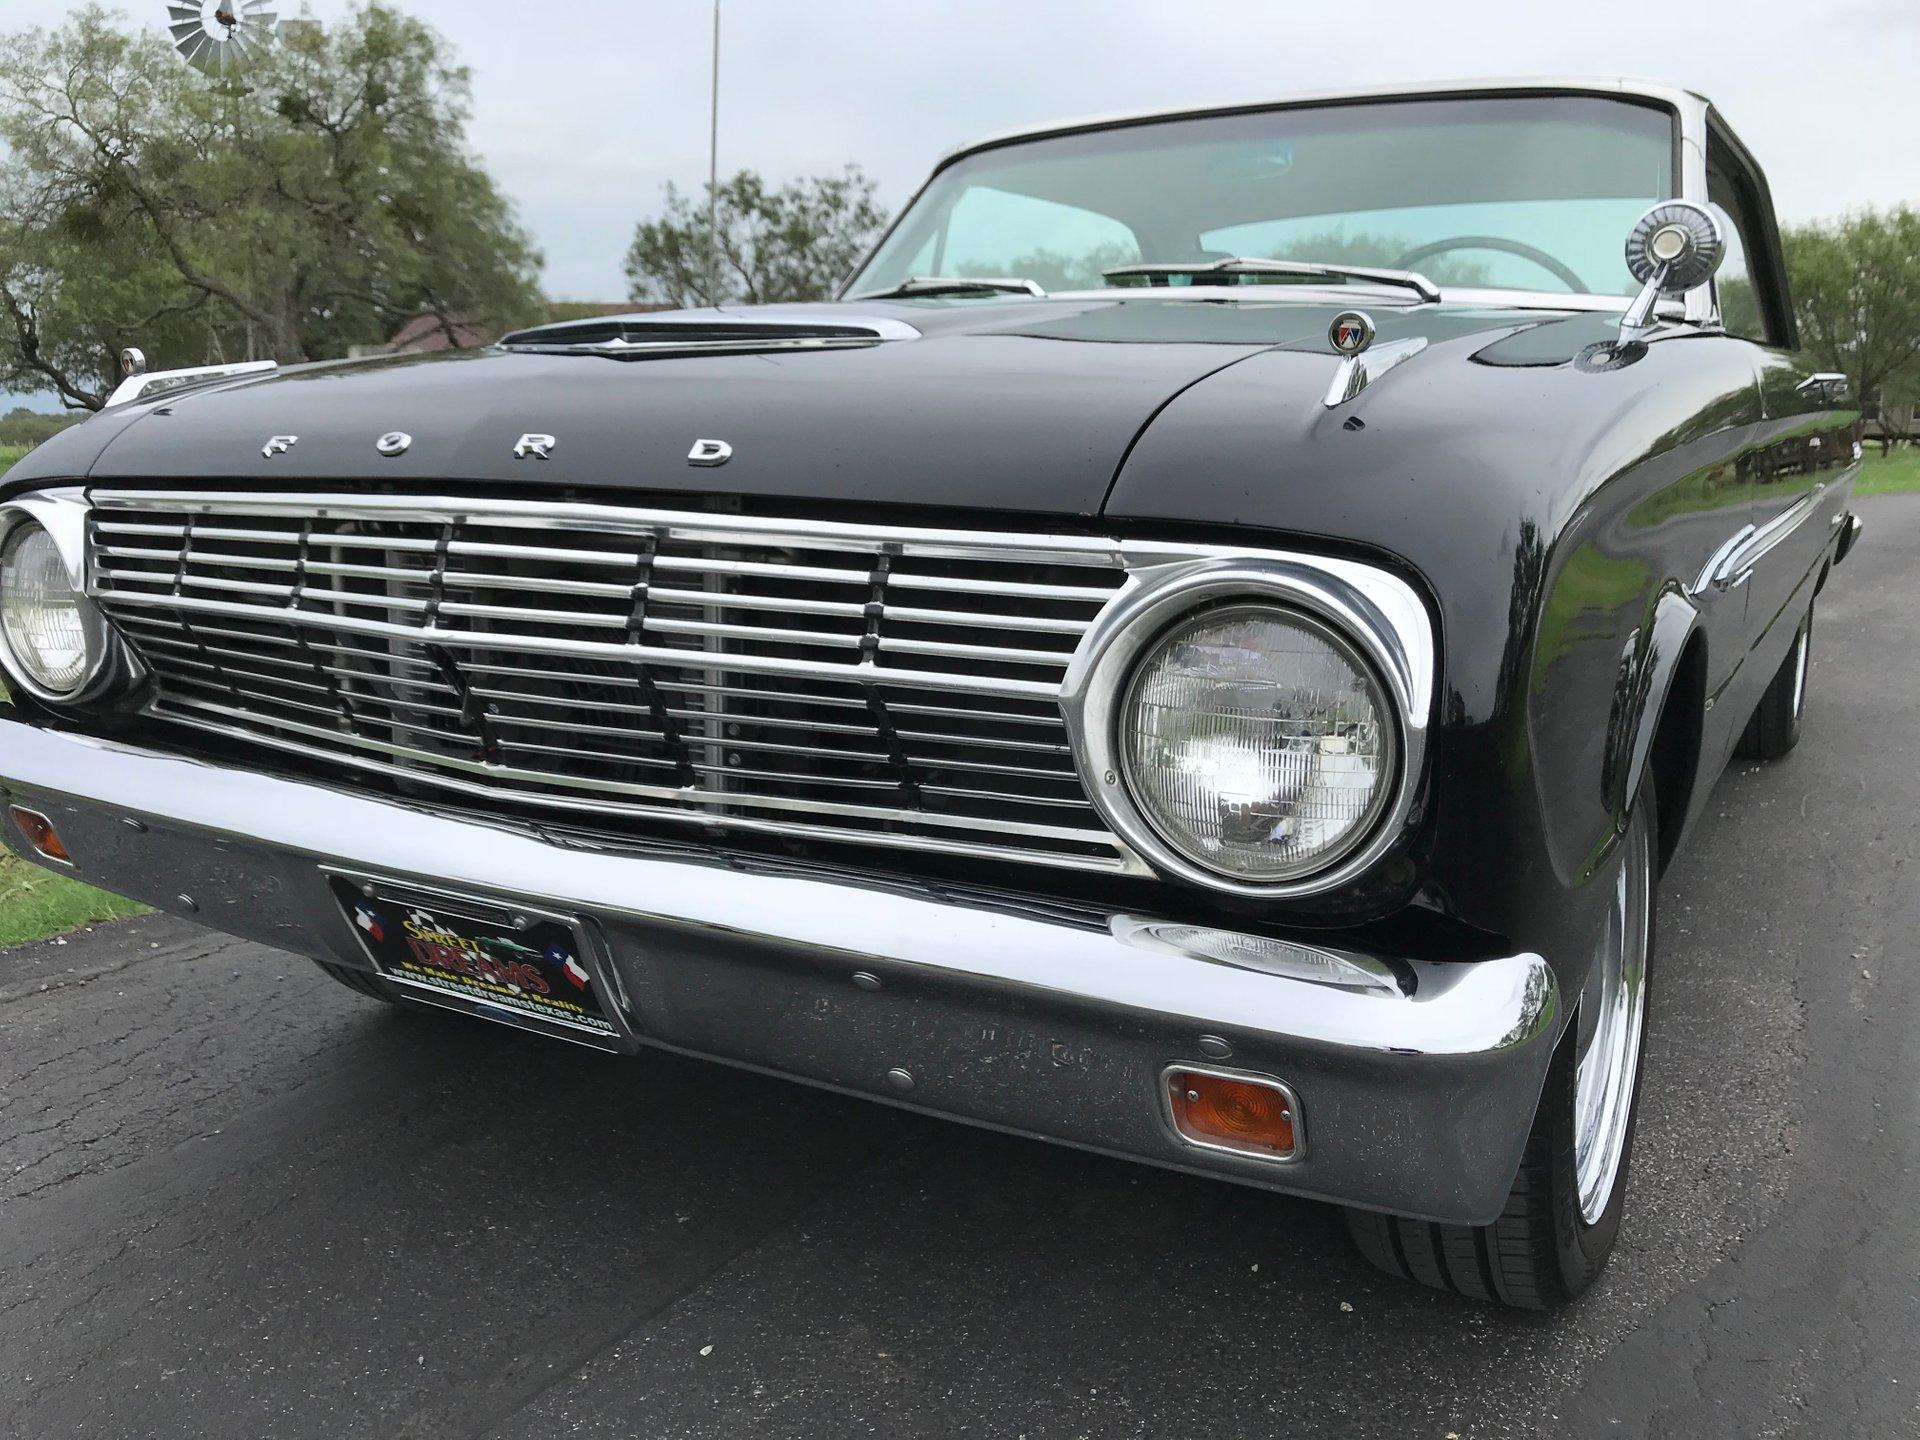 1963 Ford Falcon | Street Dreams